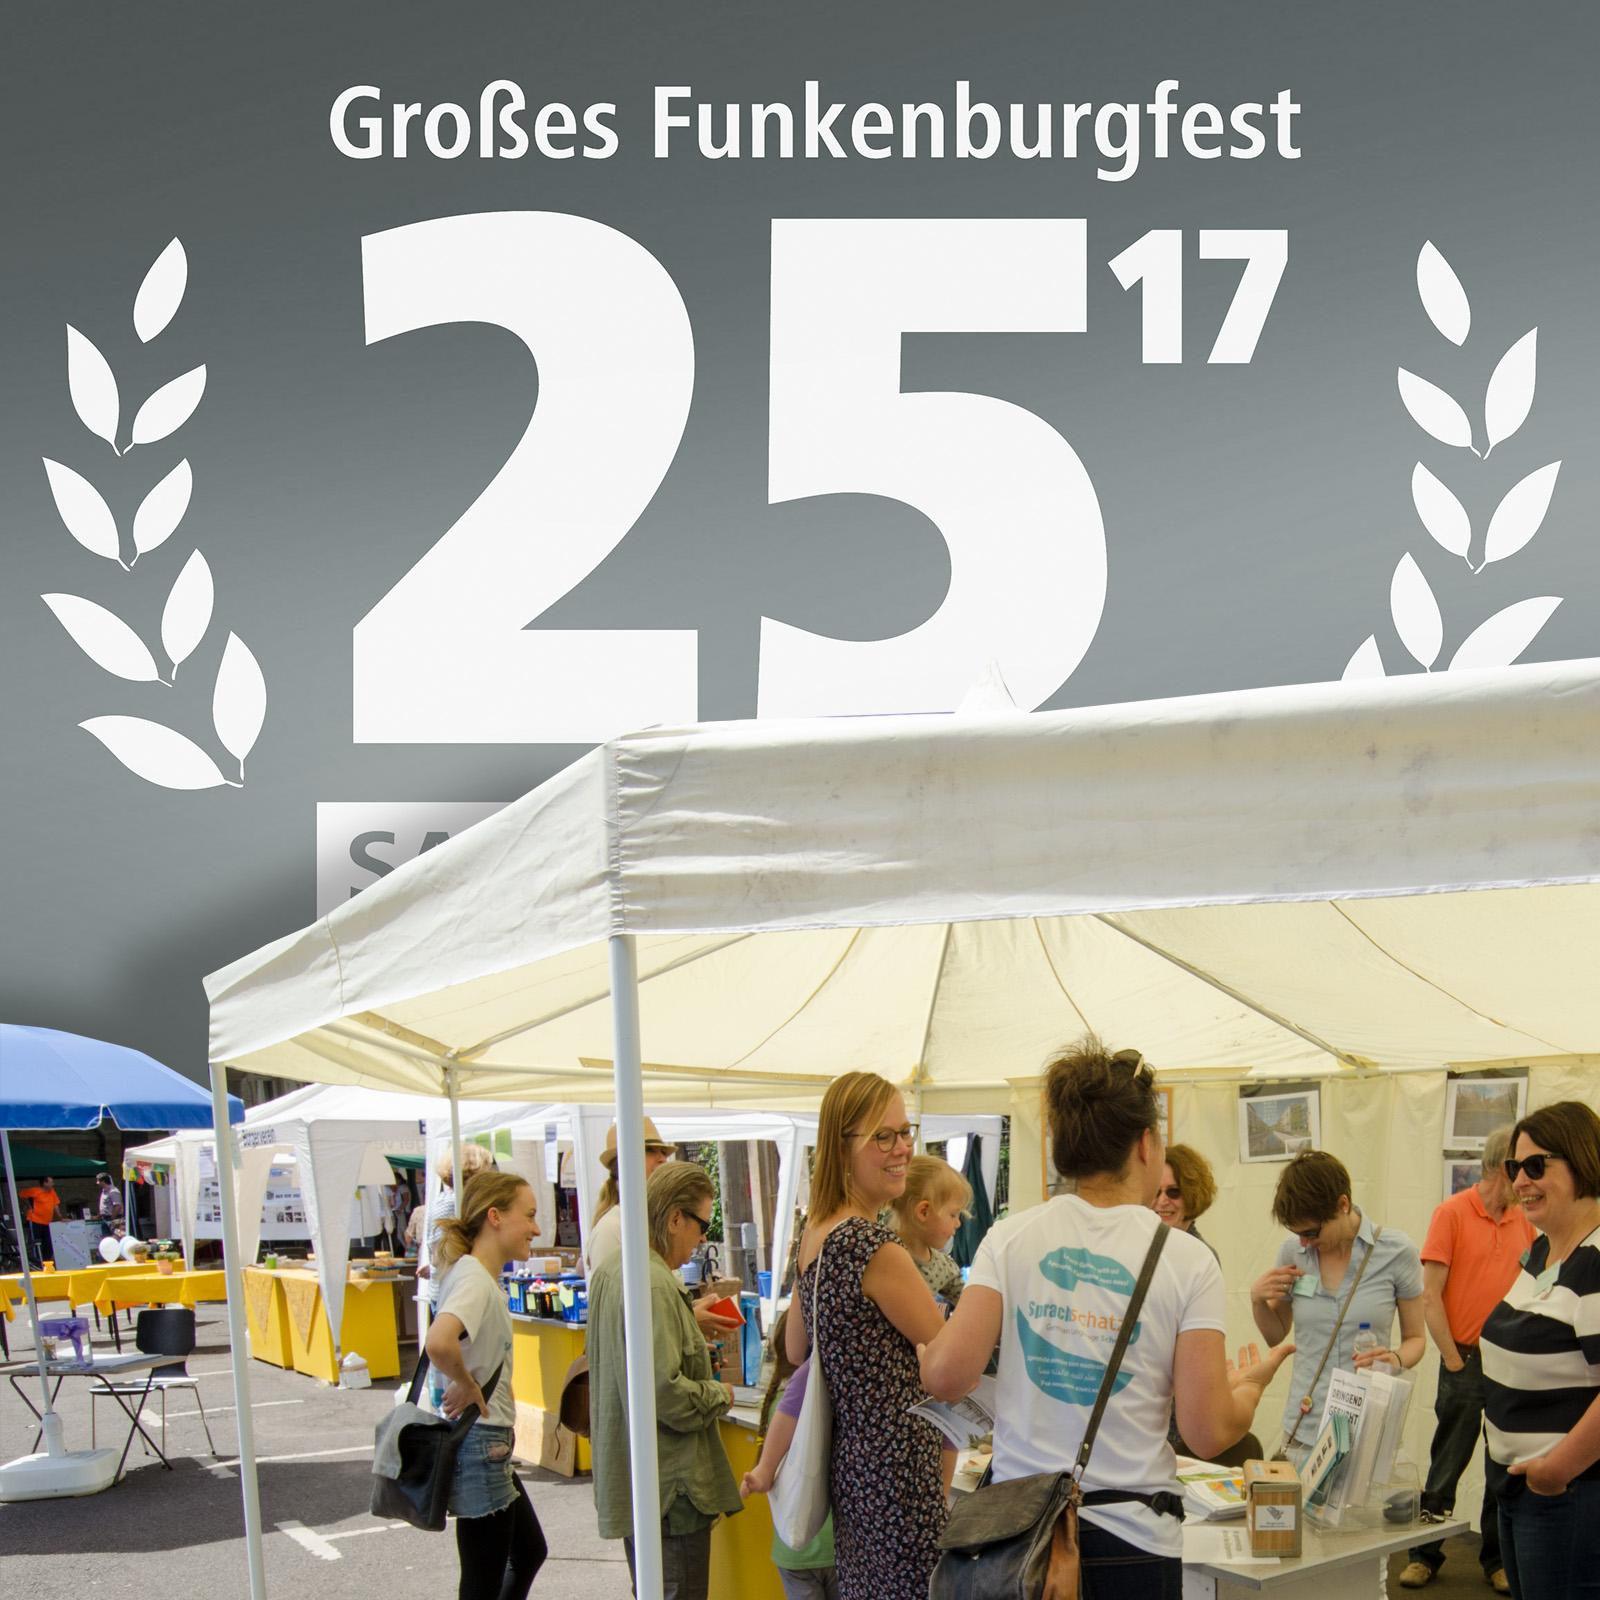 25. Großes Funkenburgfest Standinfo